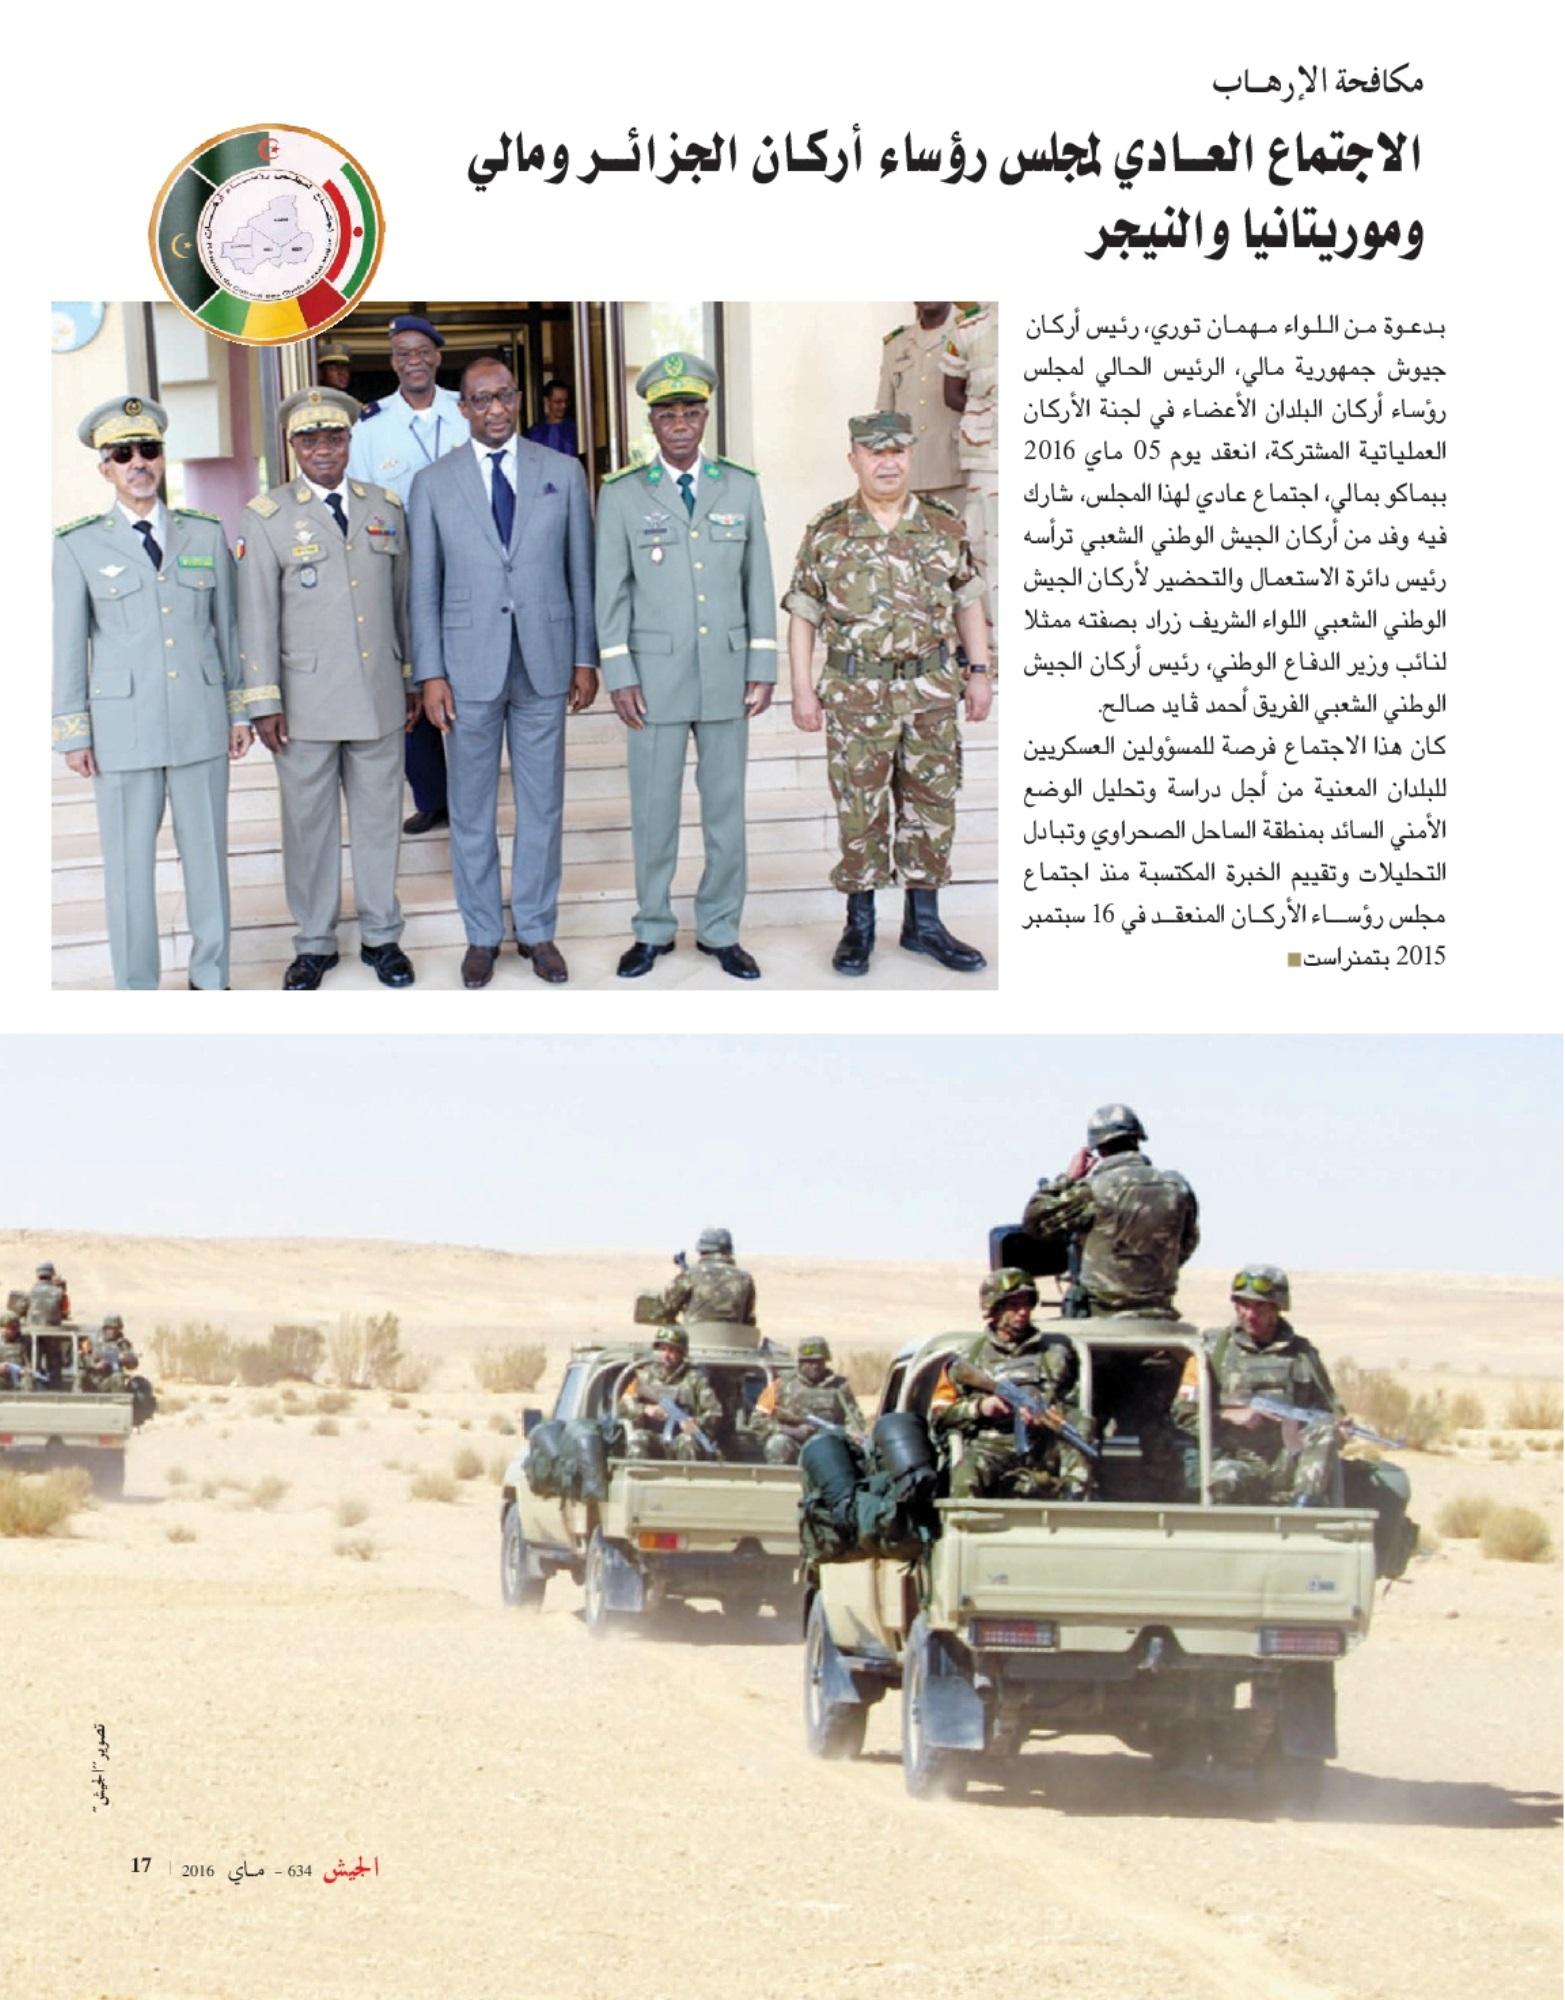 الجزائر : صلاحيات نائب وزير الدفاع الوطني - صفحة 2 27062442596_0dc6f32e4d_o